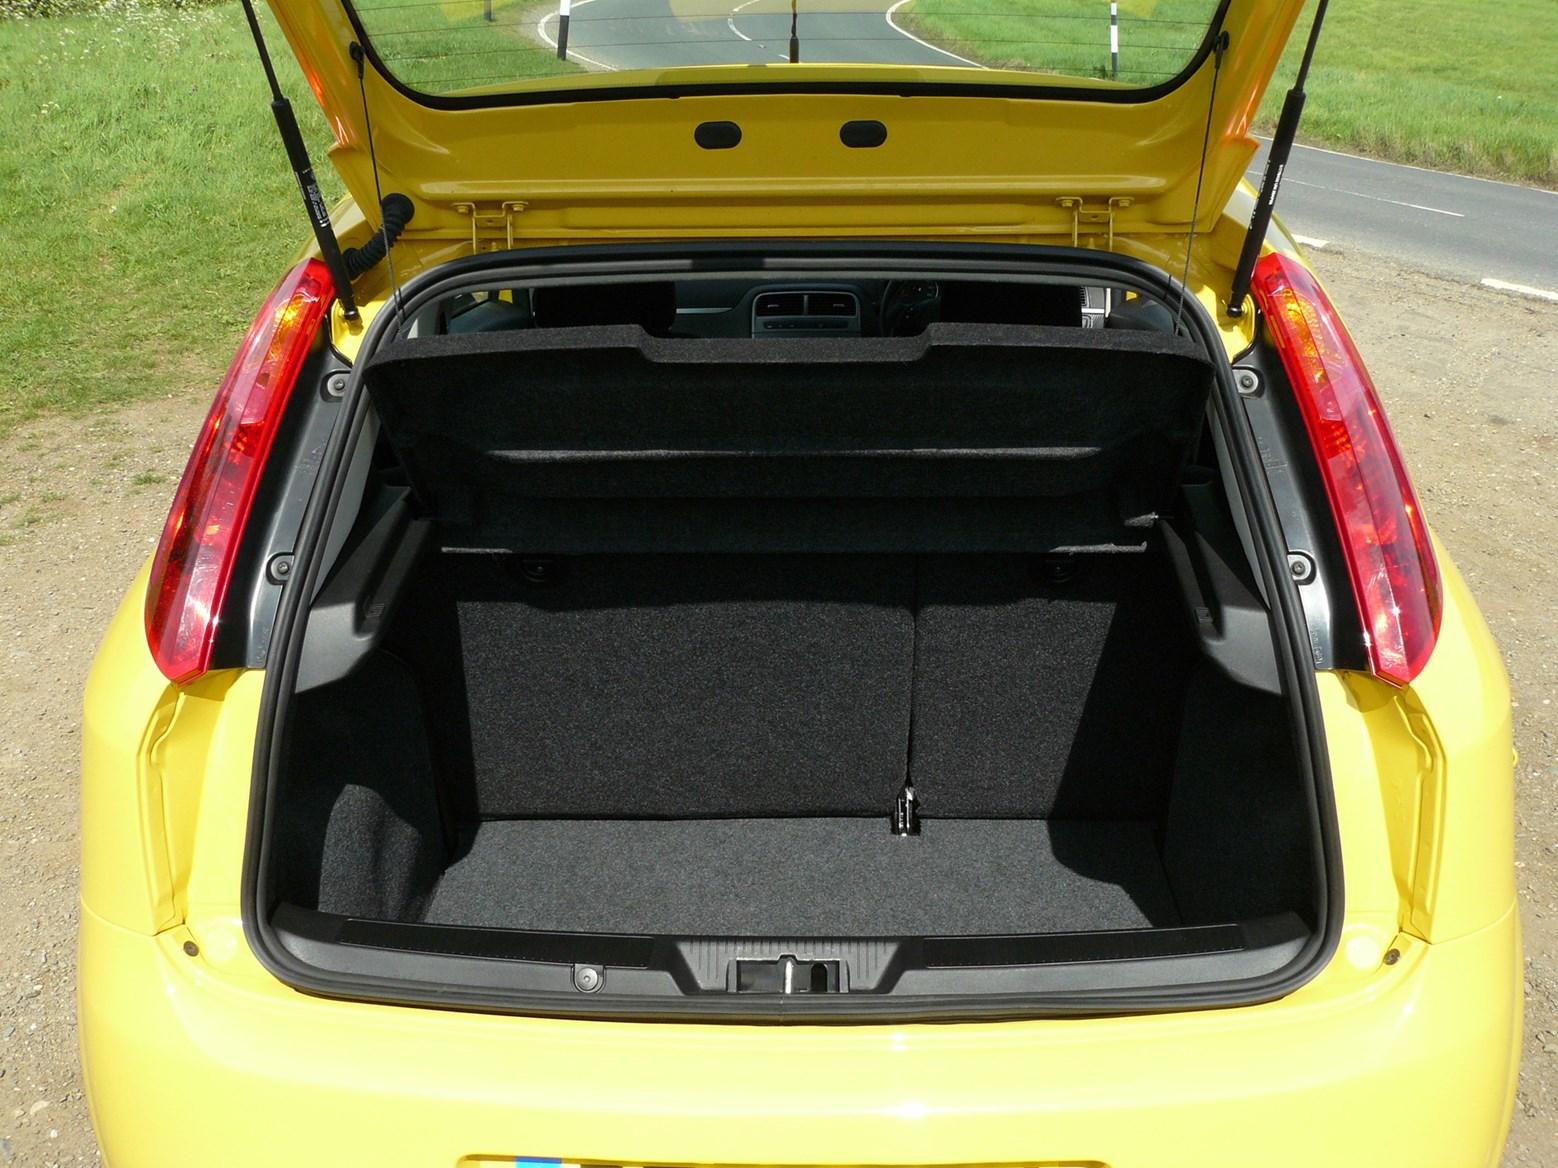 fiat grande punto hatchback review 2006 2010 parkers. Black Bedroom Furniture Sets. Home Design Ideas